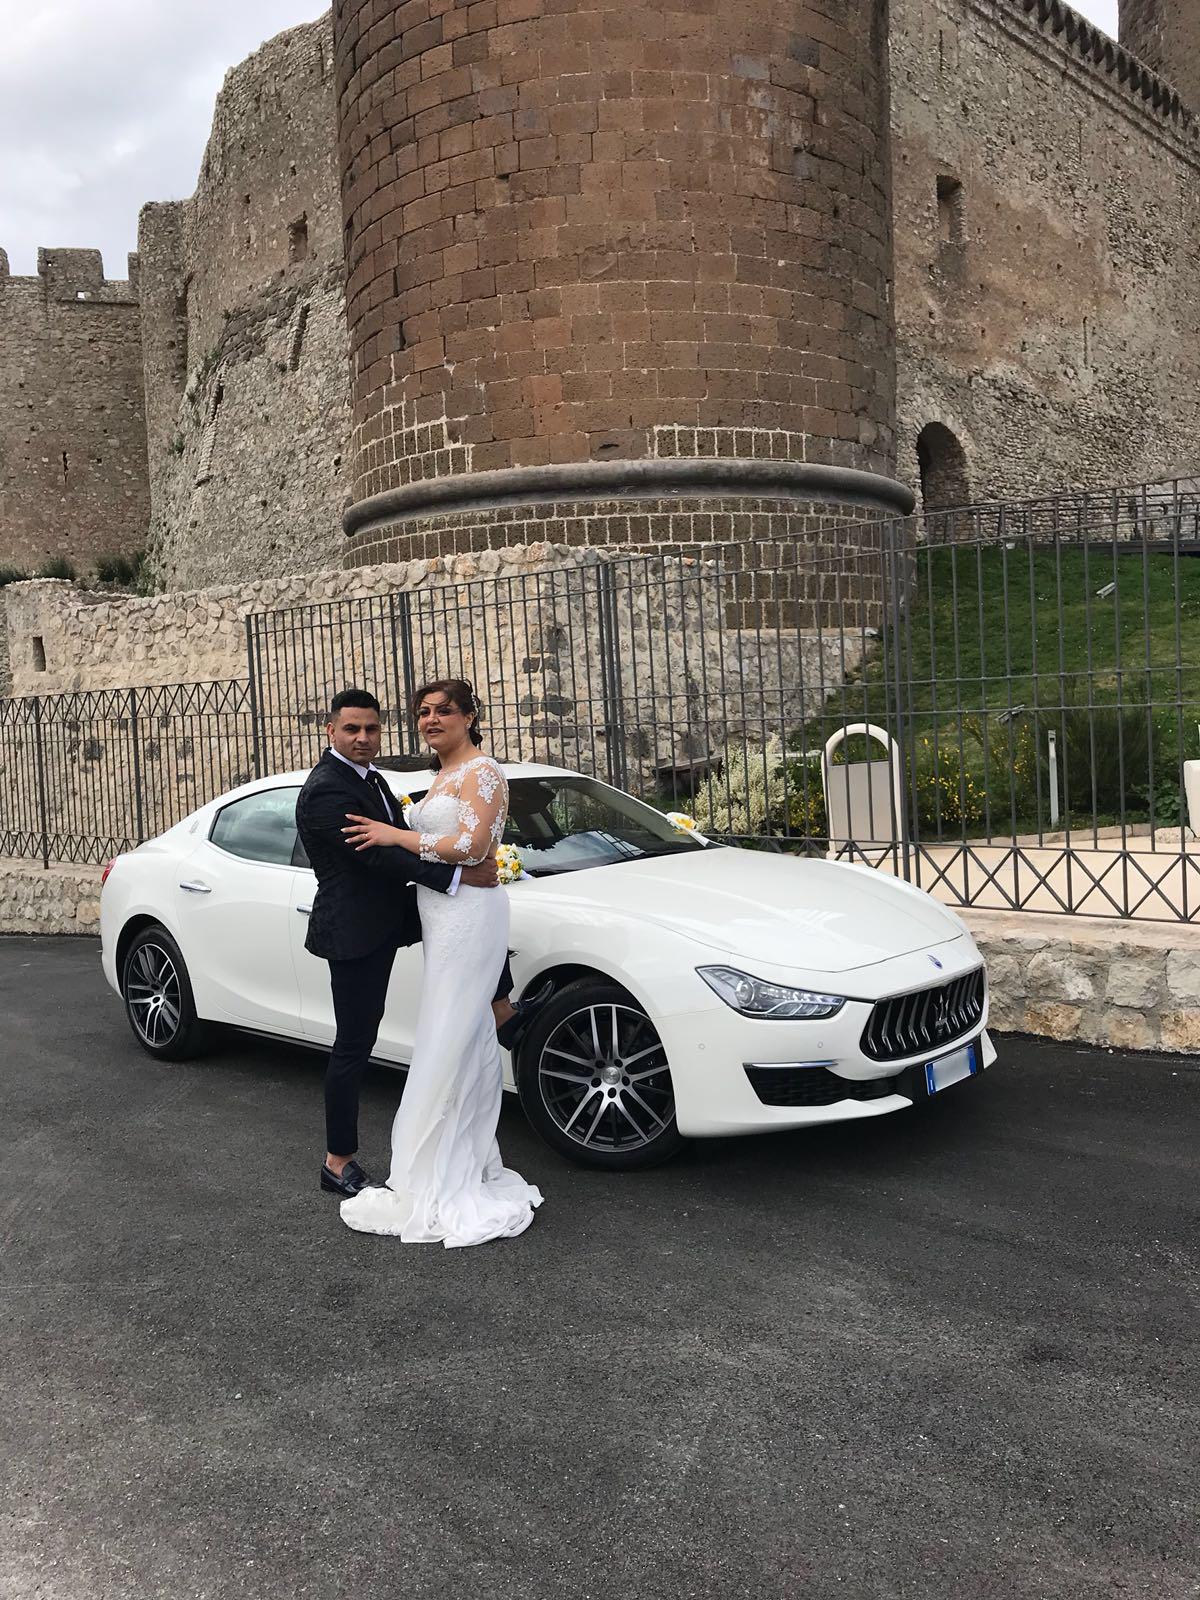 Foto con gli sposi al Castello di Lettere con la Maserati Ghibli GRAN LUSSO Bianca